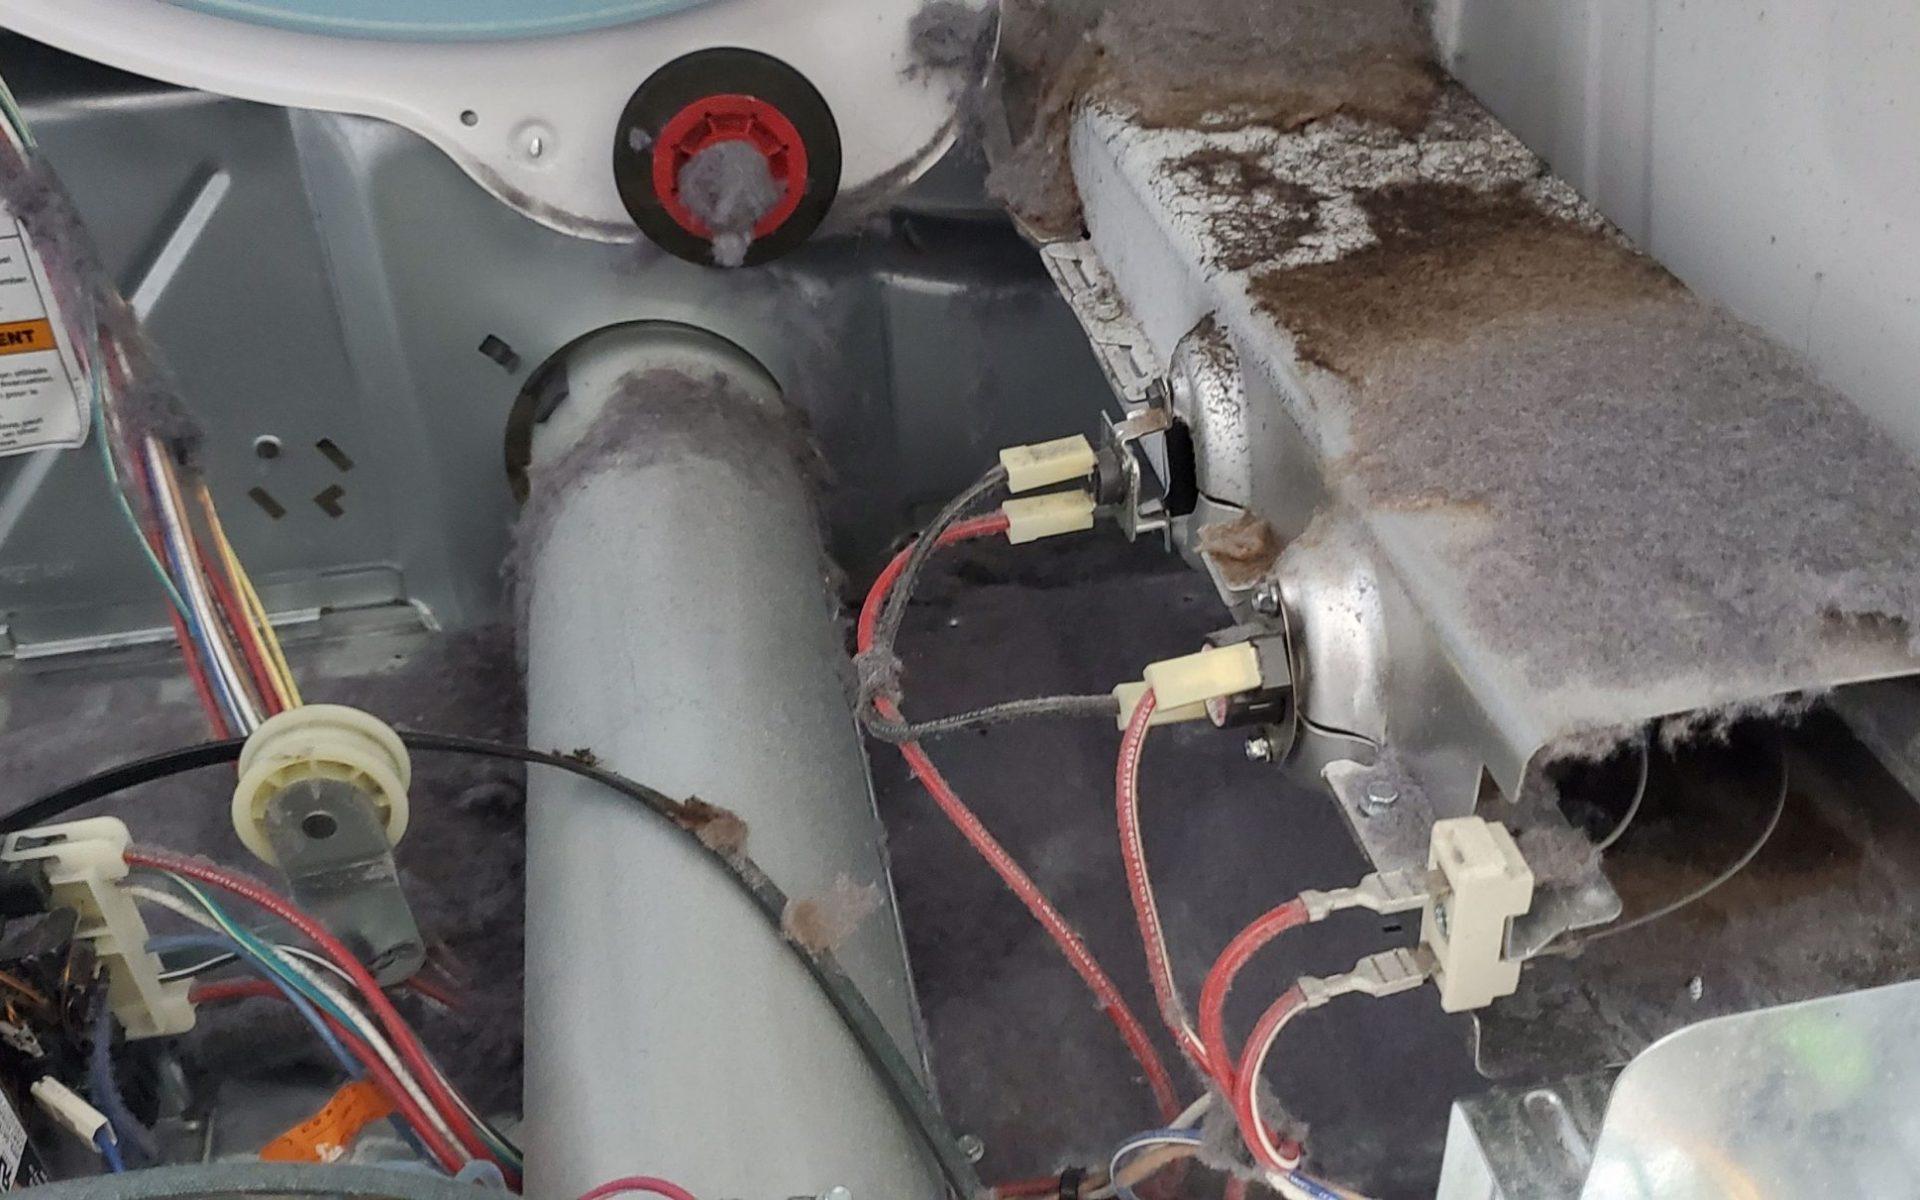 dryer repair service